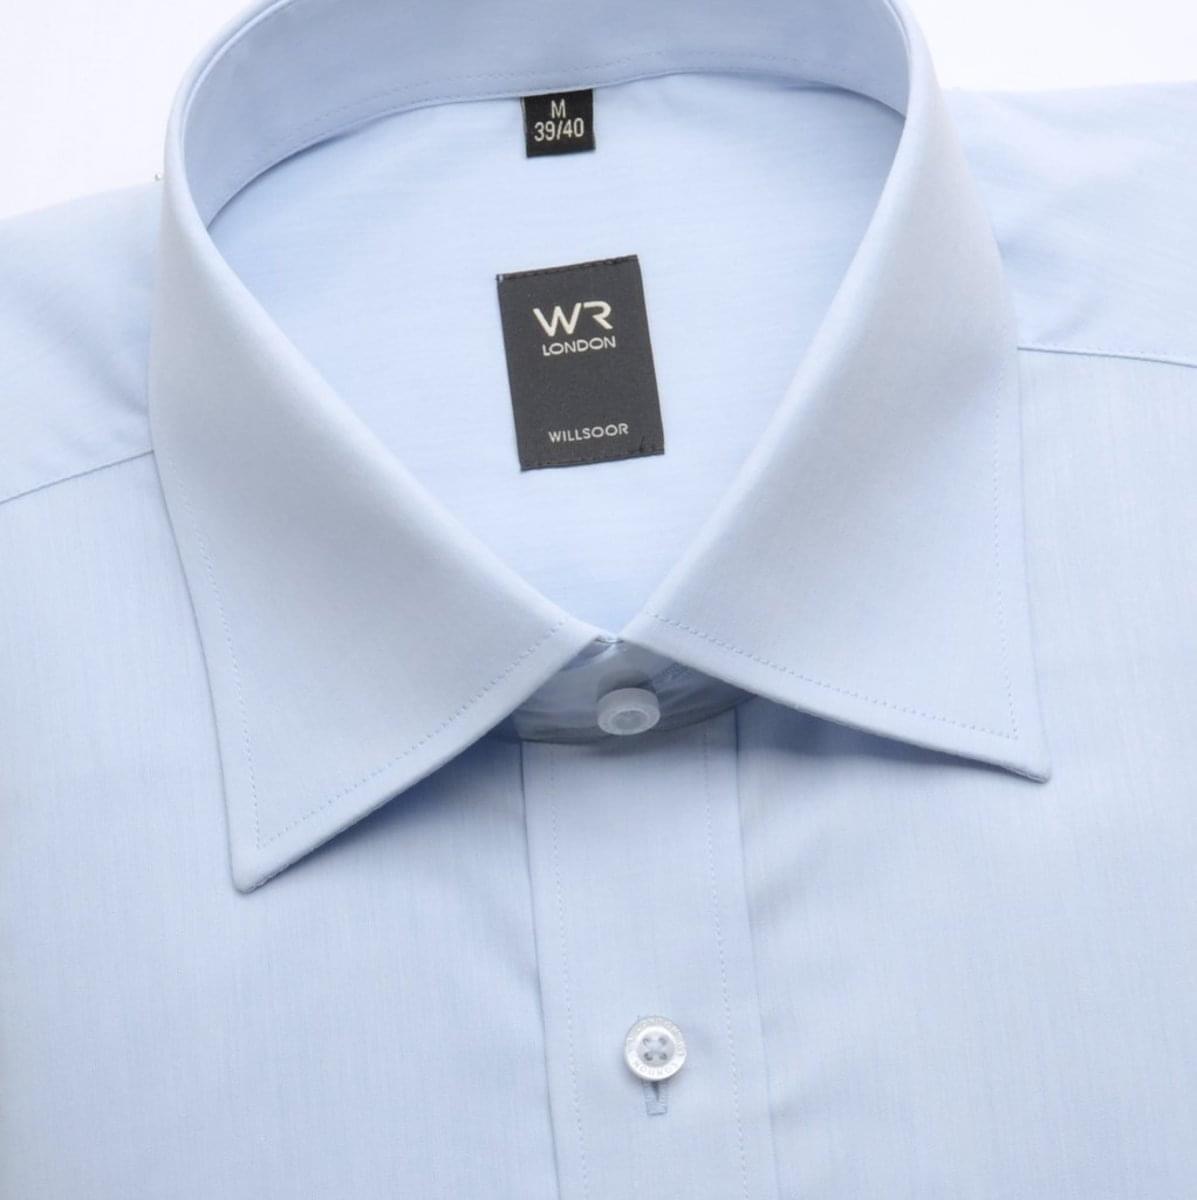 Willsoor Pánská košile WR London (výška 198-204) 1677 198-204 / XL (Límeček 43/44)